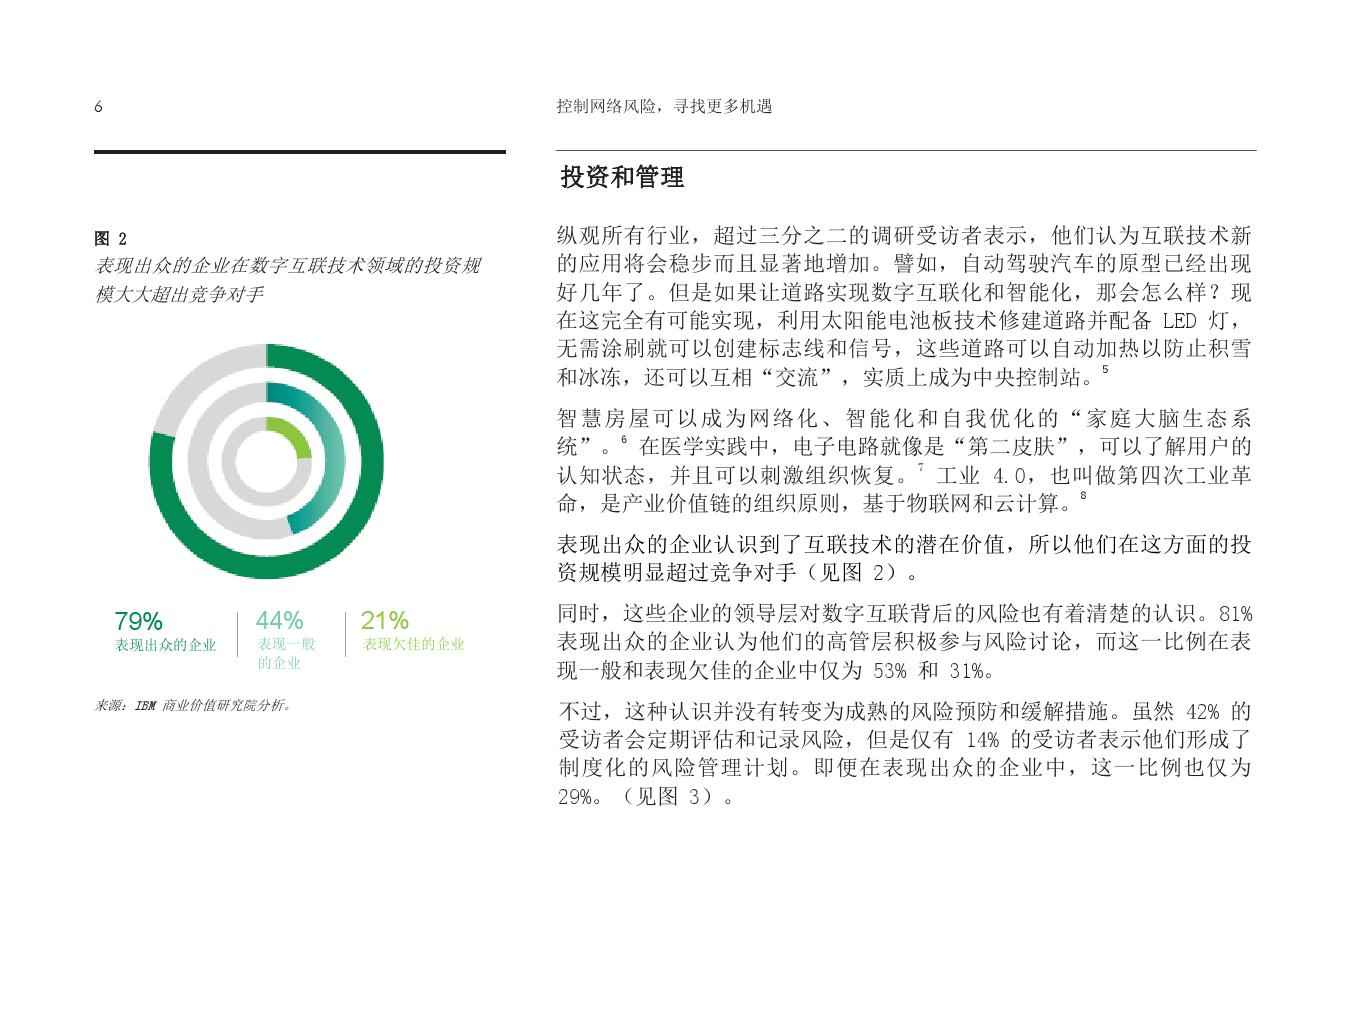 %e6%95%b0%e5%ad%97%e5%8c%96%e4%ba%92%e8%81%94%e4%b8%96%e7%95%8c%e4%b8%ad%e7%9a%84%e4%bf%9d%e9%99%a9%e4%b8%9a%e5%92%8c%e9%a3%8e%e9%99%a9_000008